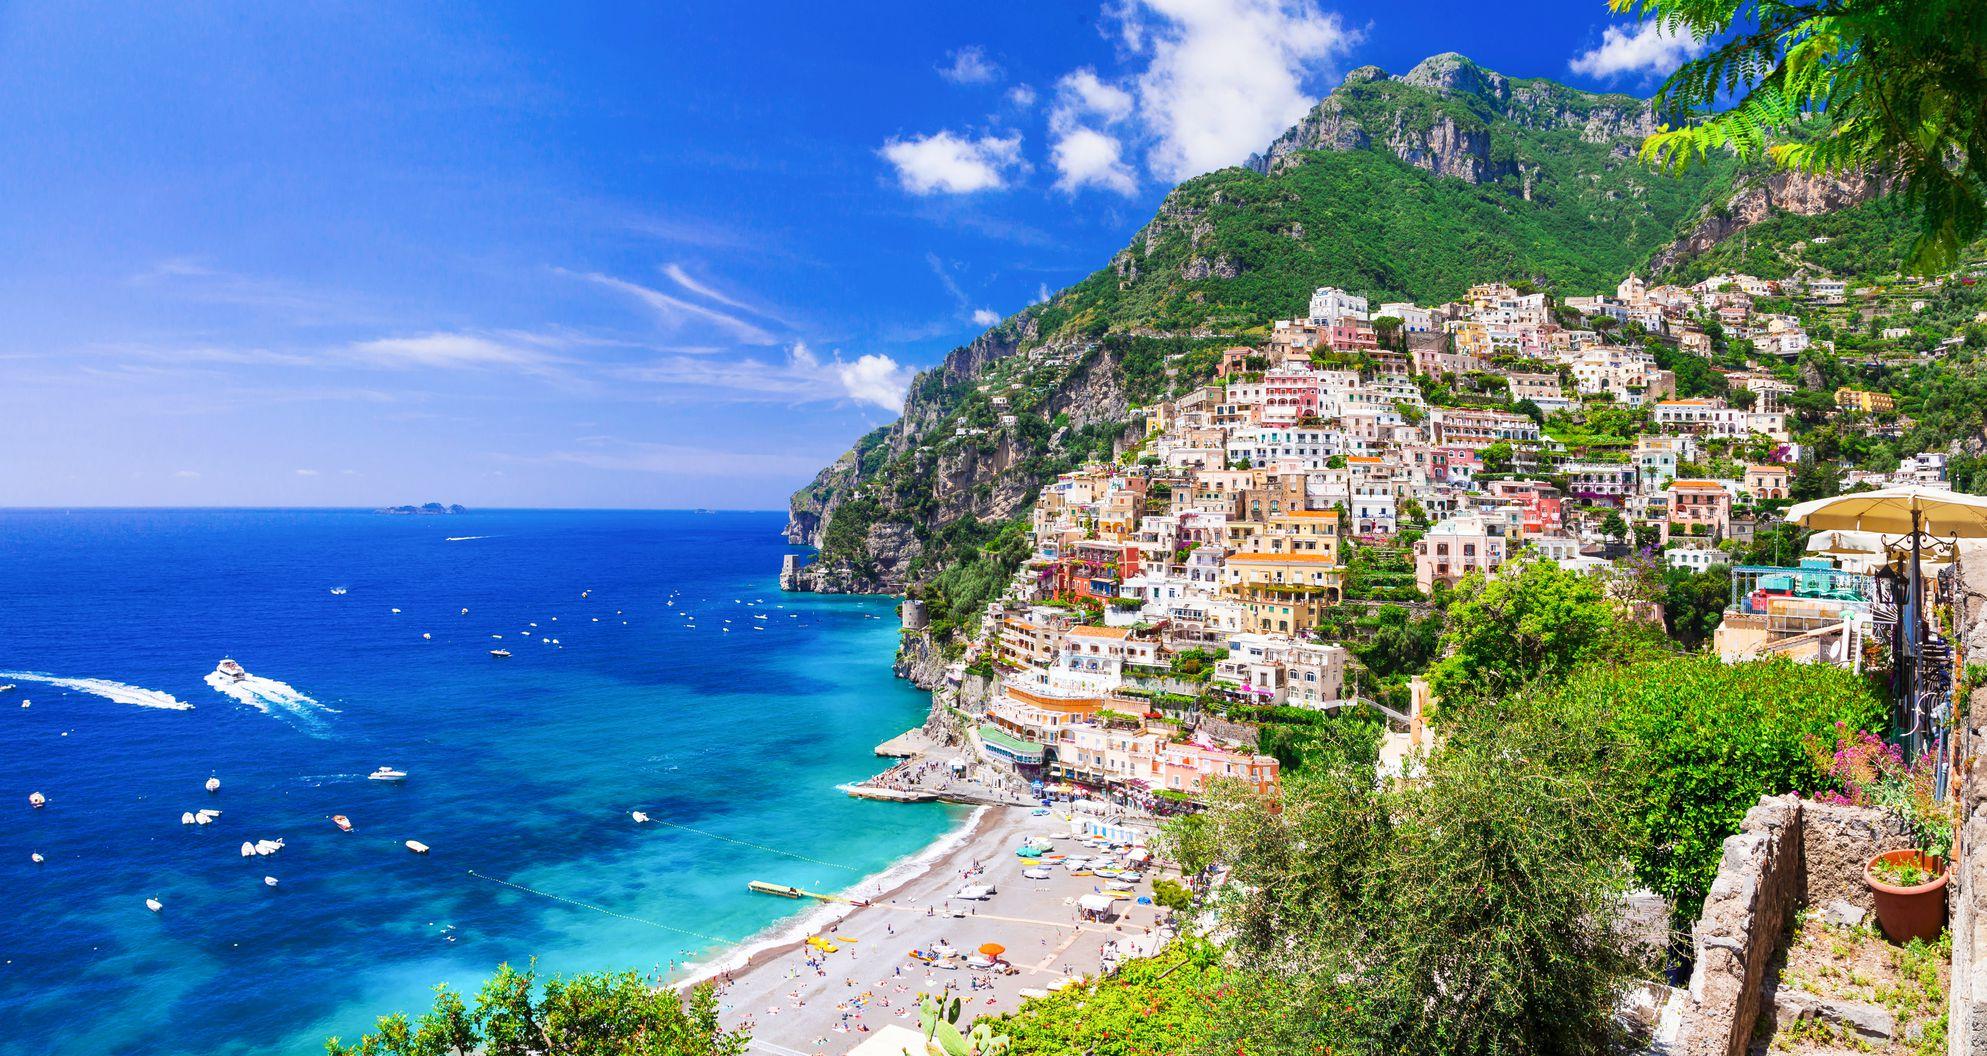 Busrundreise Golf von Neapel und Amalfiküste